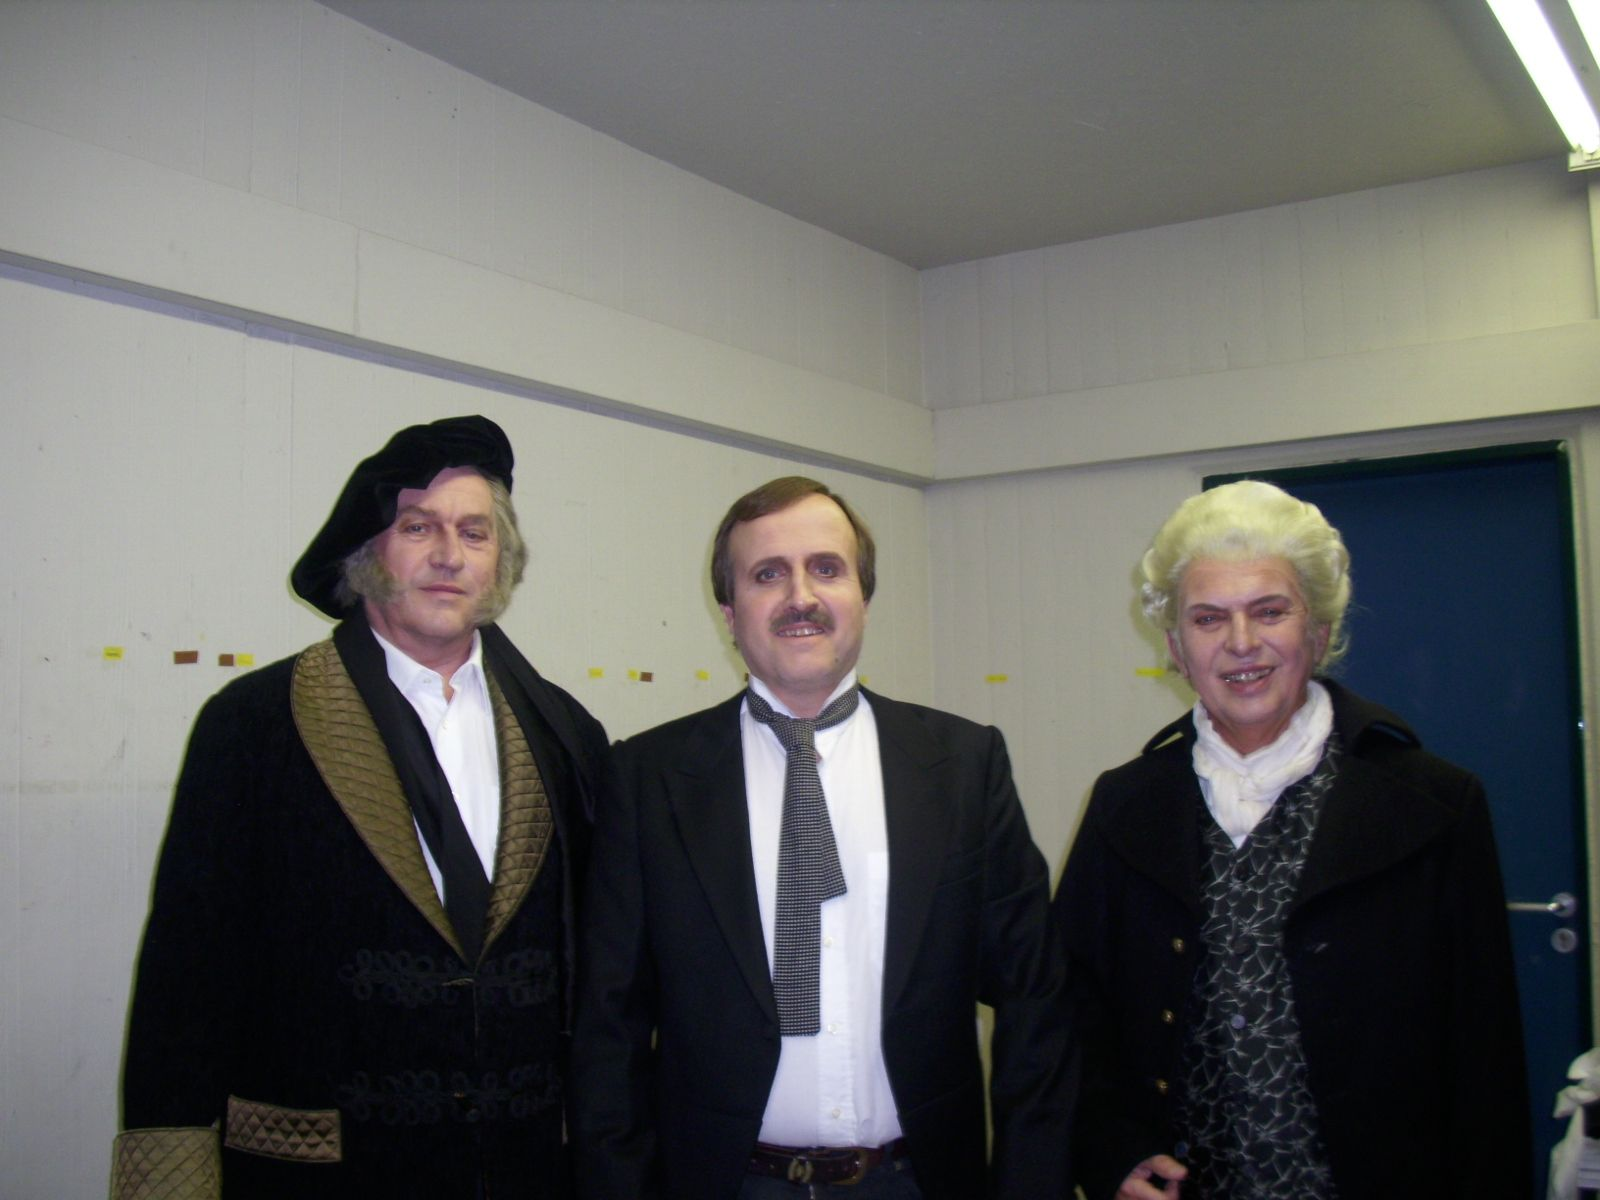 WagnerGerdSchillerinFidelio2009